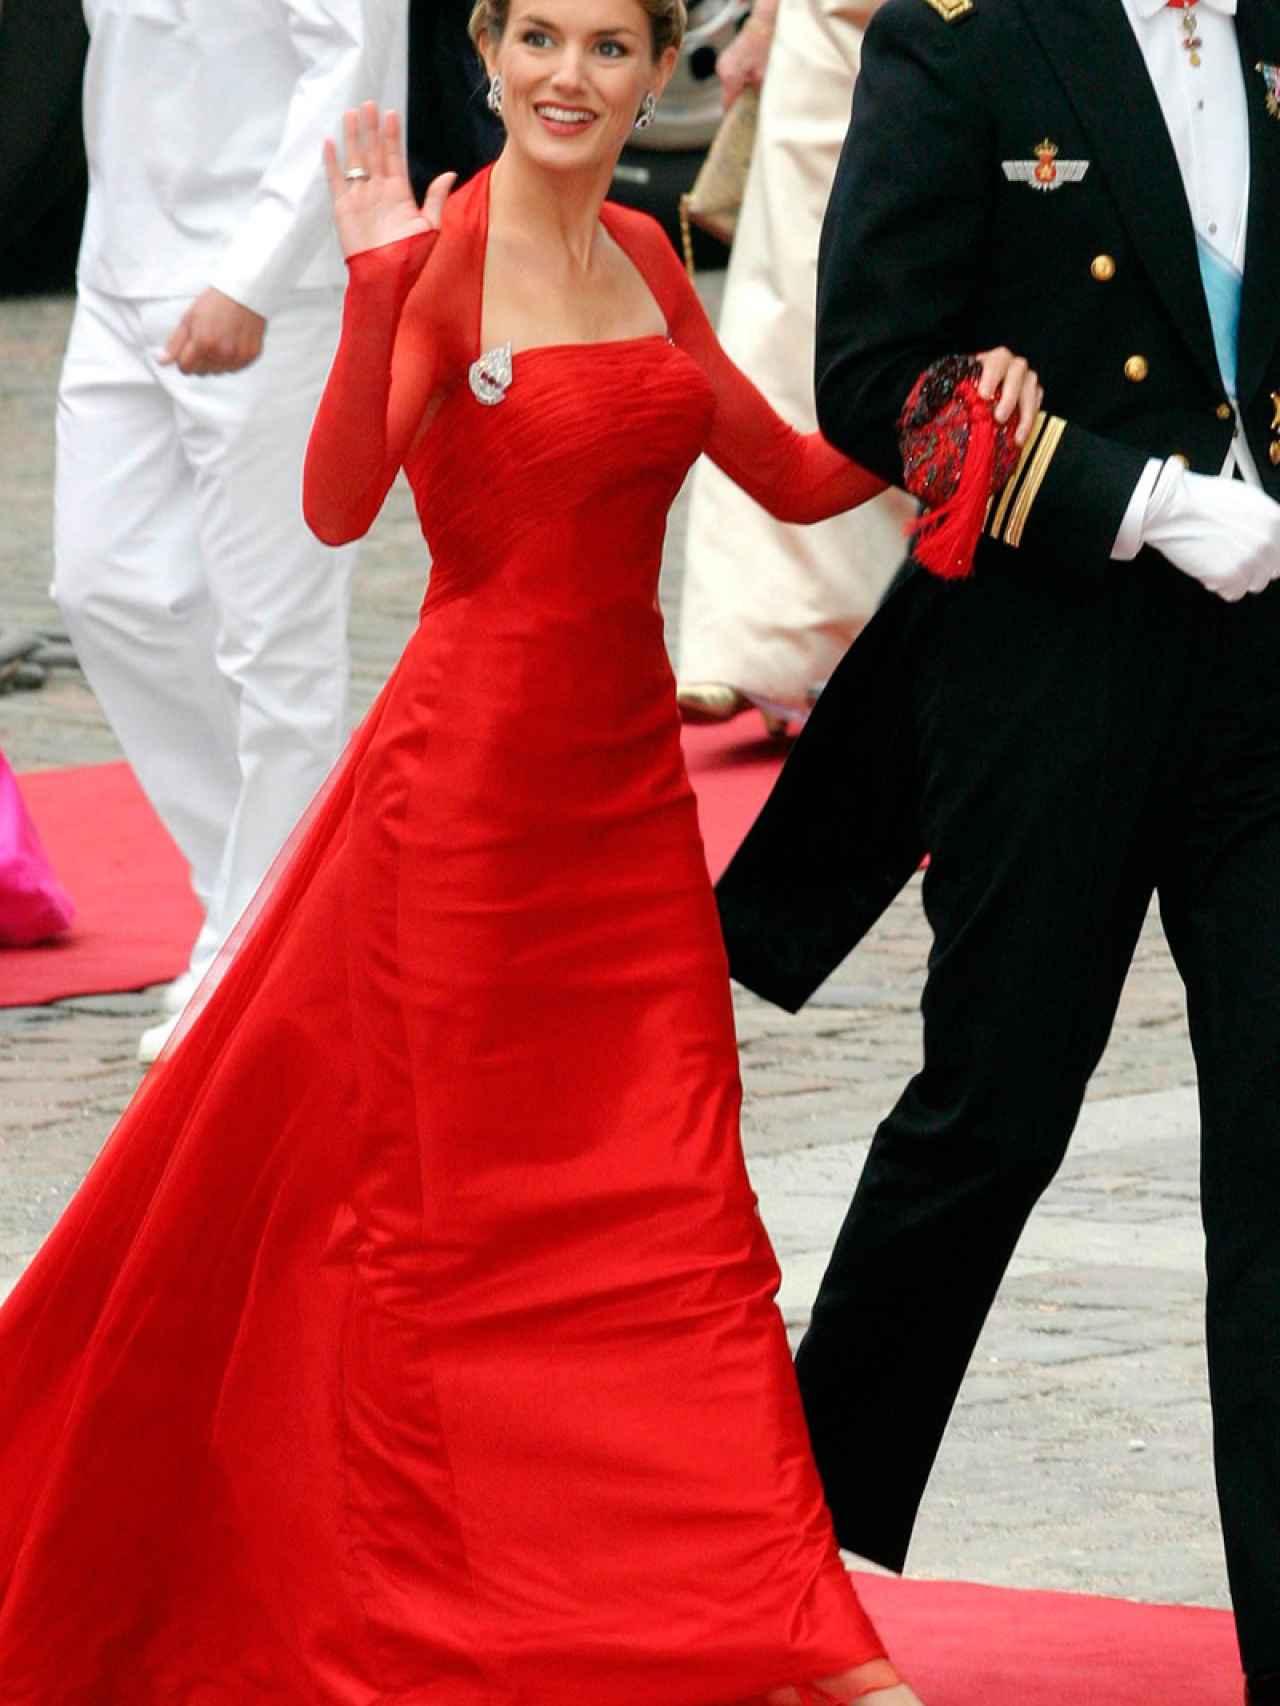 El Vestido, con mayúsculas, de doña Letizia: un Caprile con el que deslumbró.